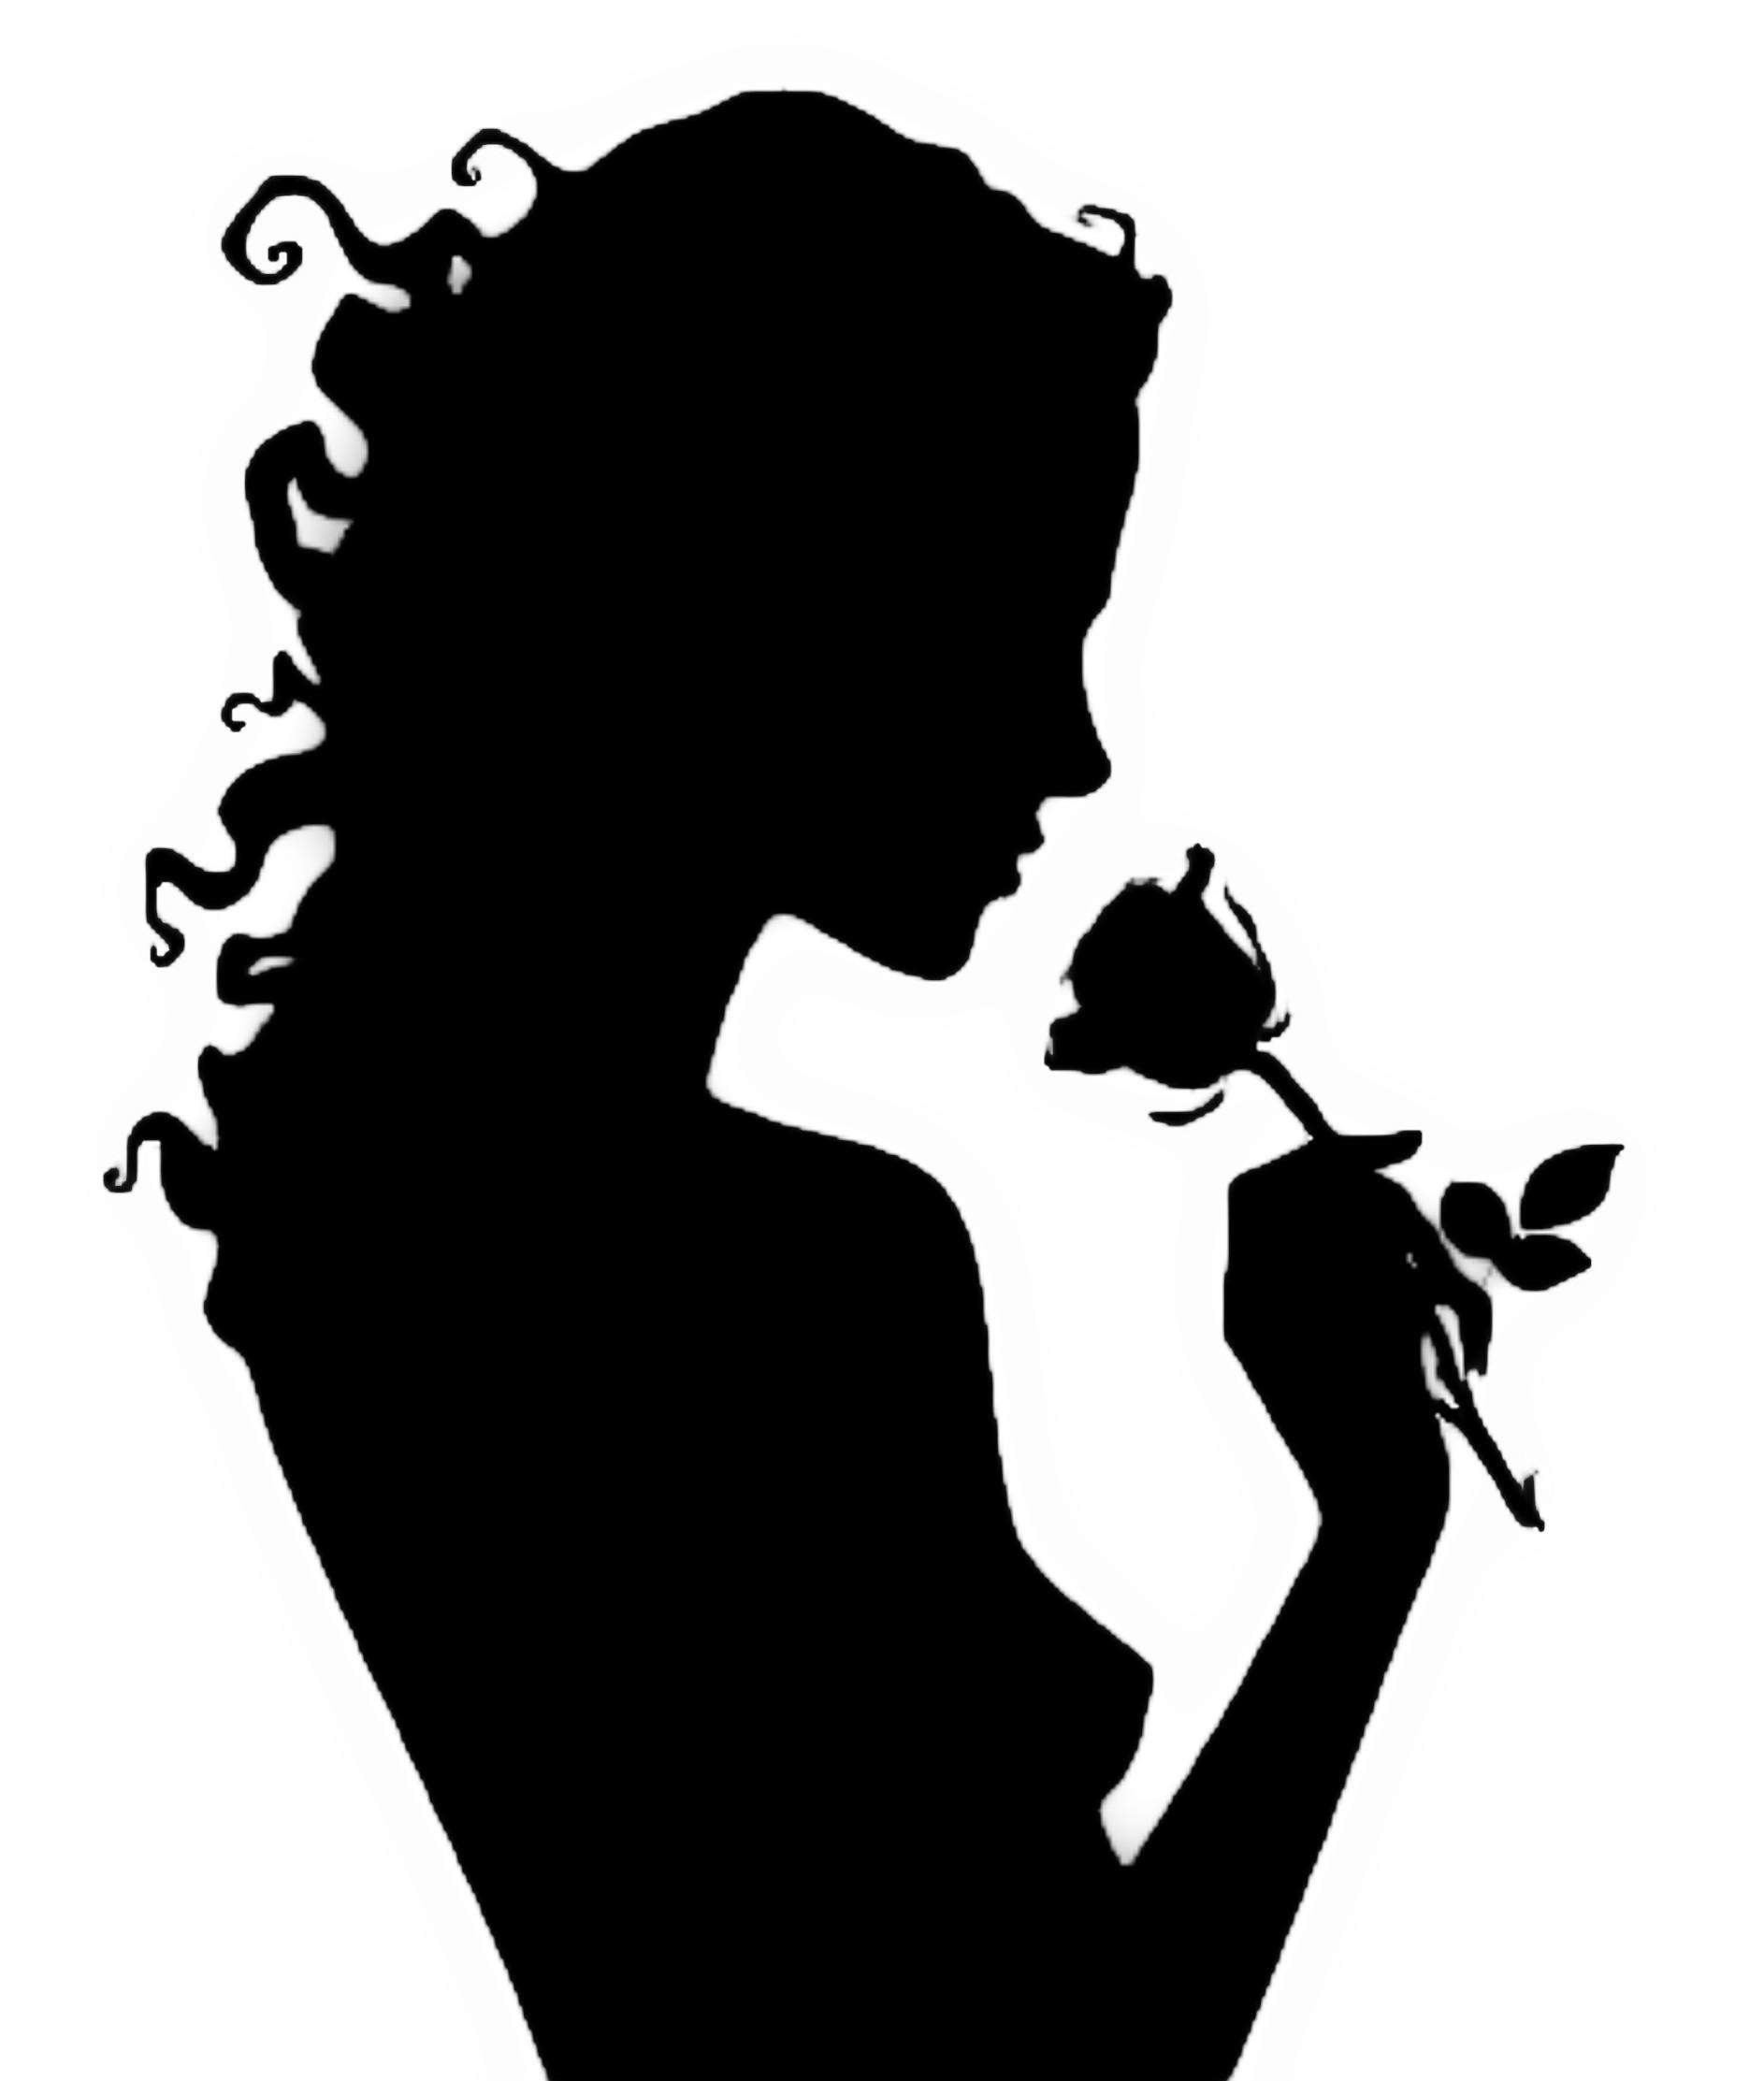 картинка силуэт нюхающего цветы нам сотворить